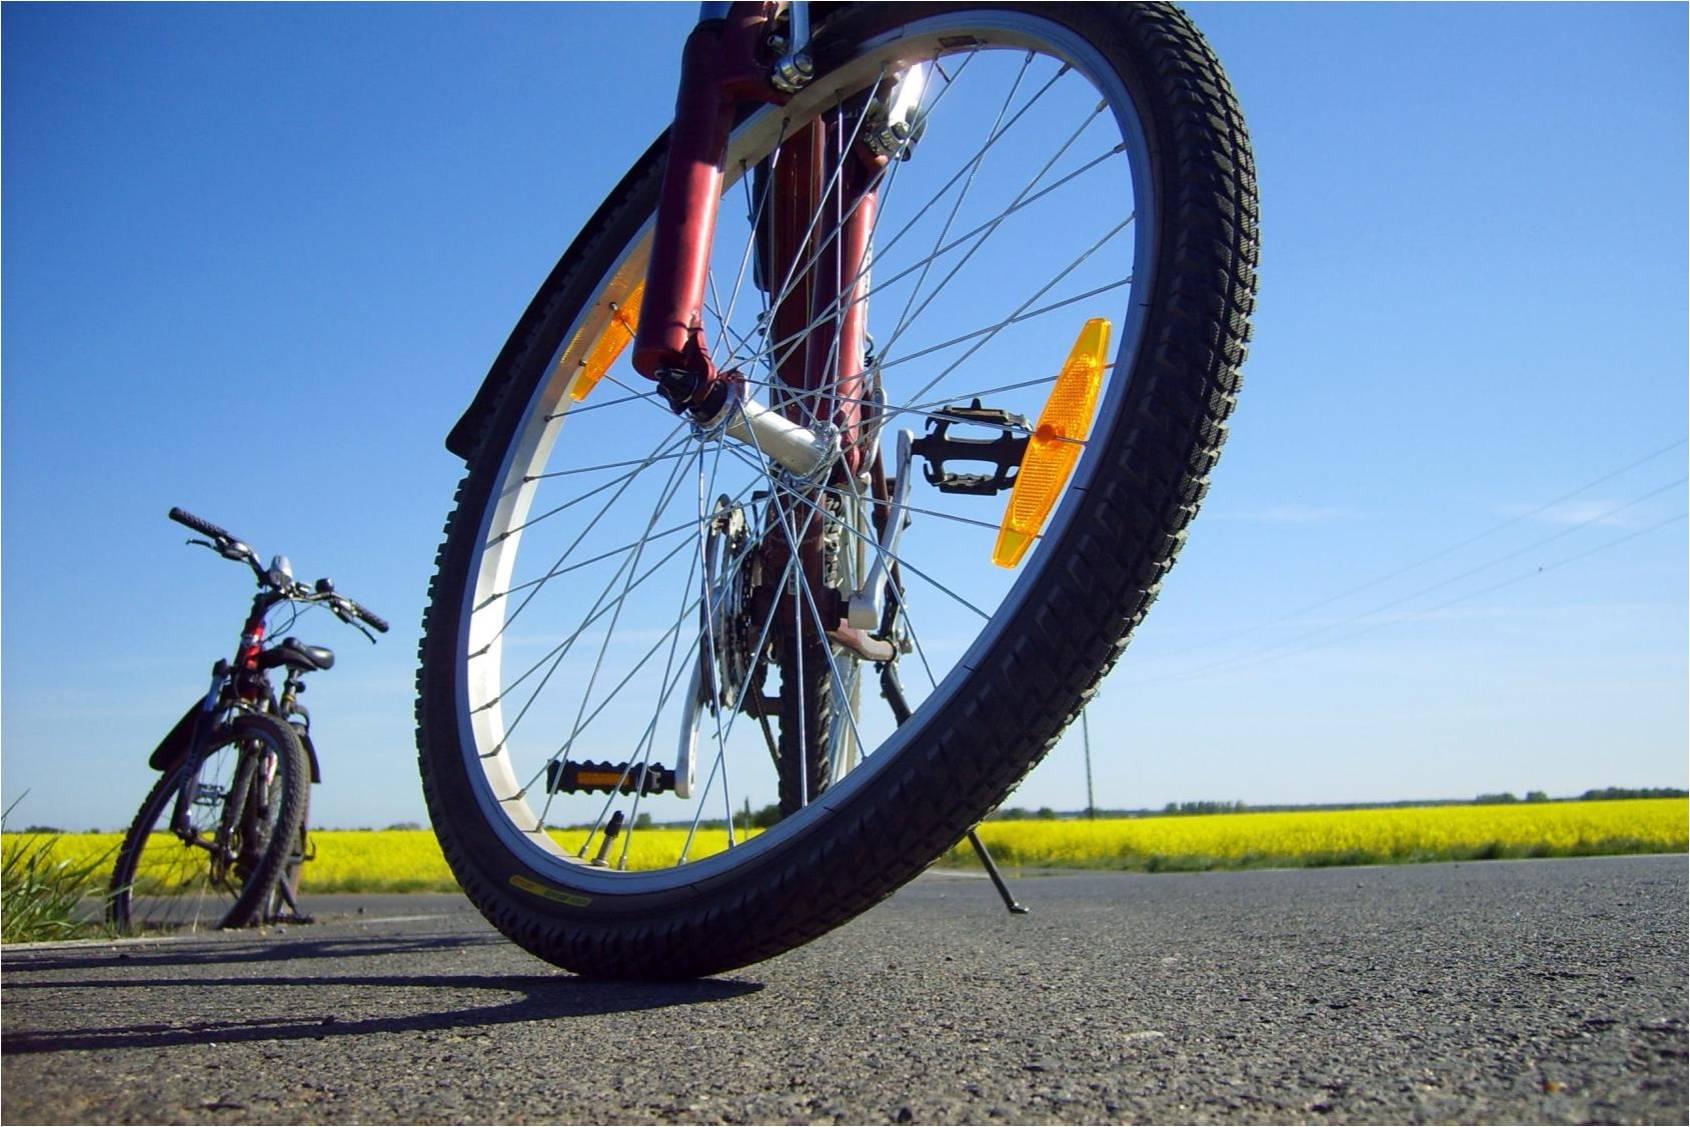 Развитие велосипедной инфраструктуры в Имеретинской низменности